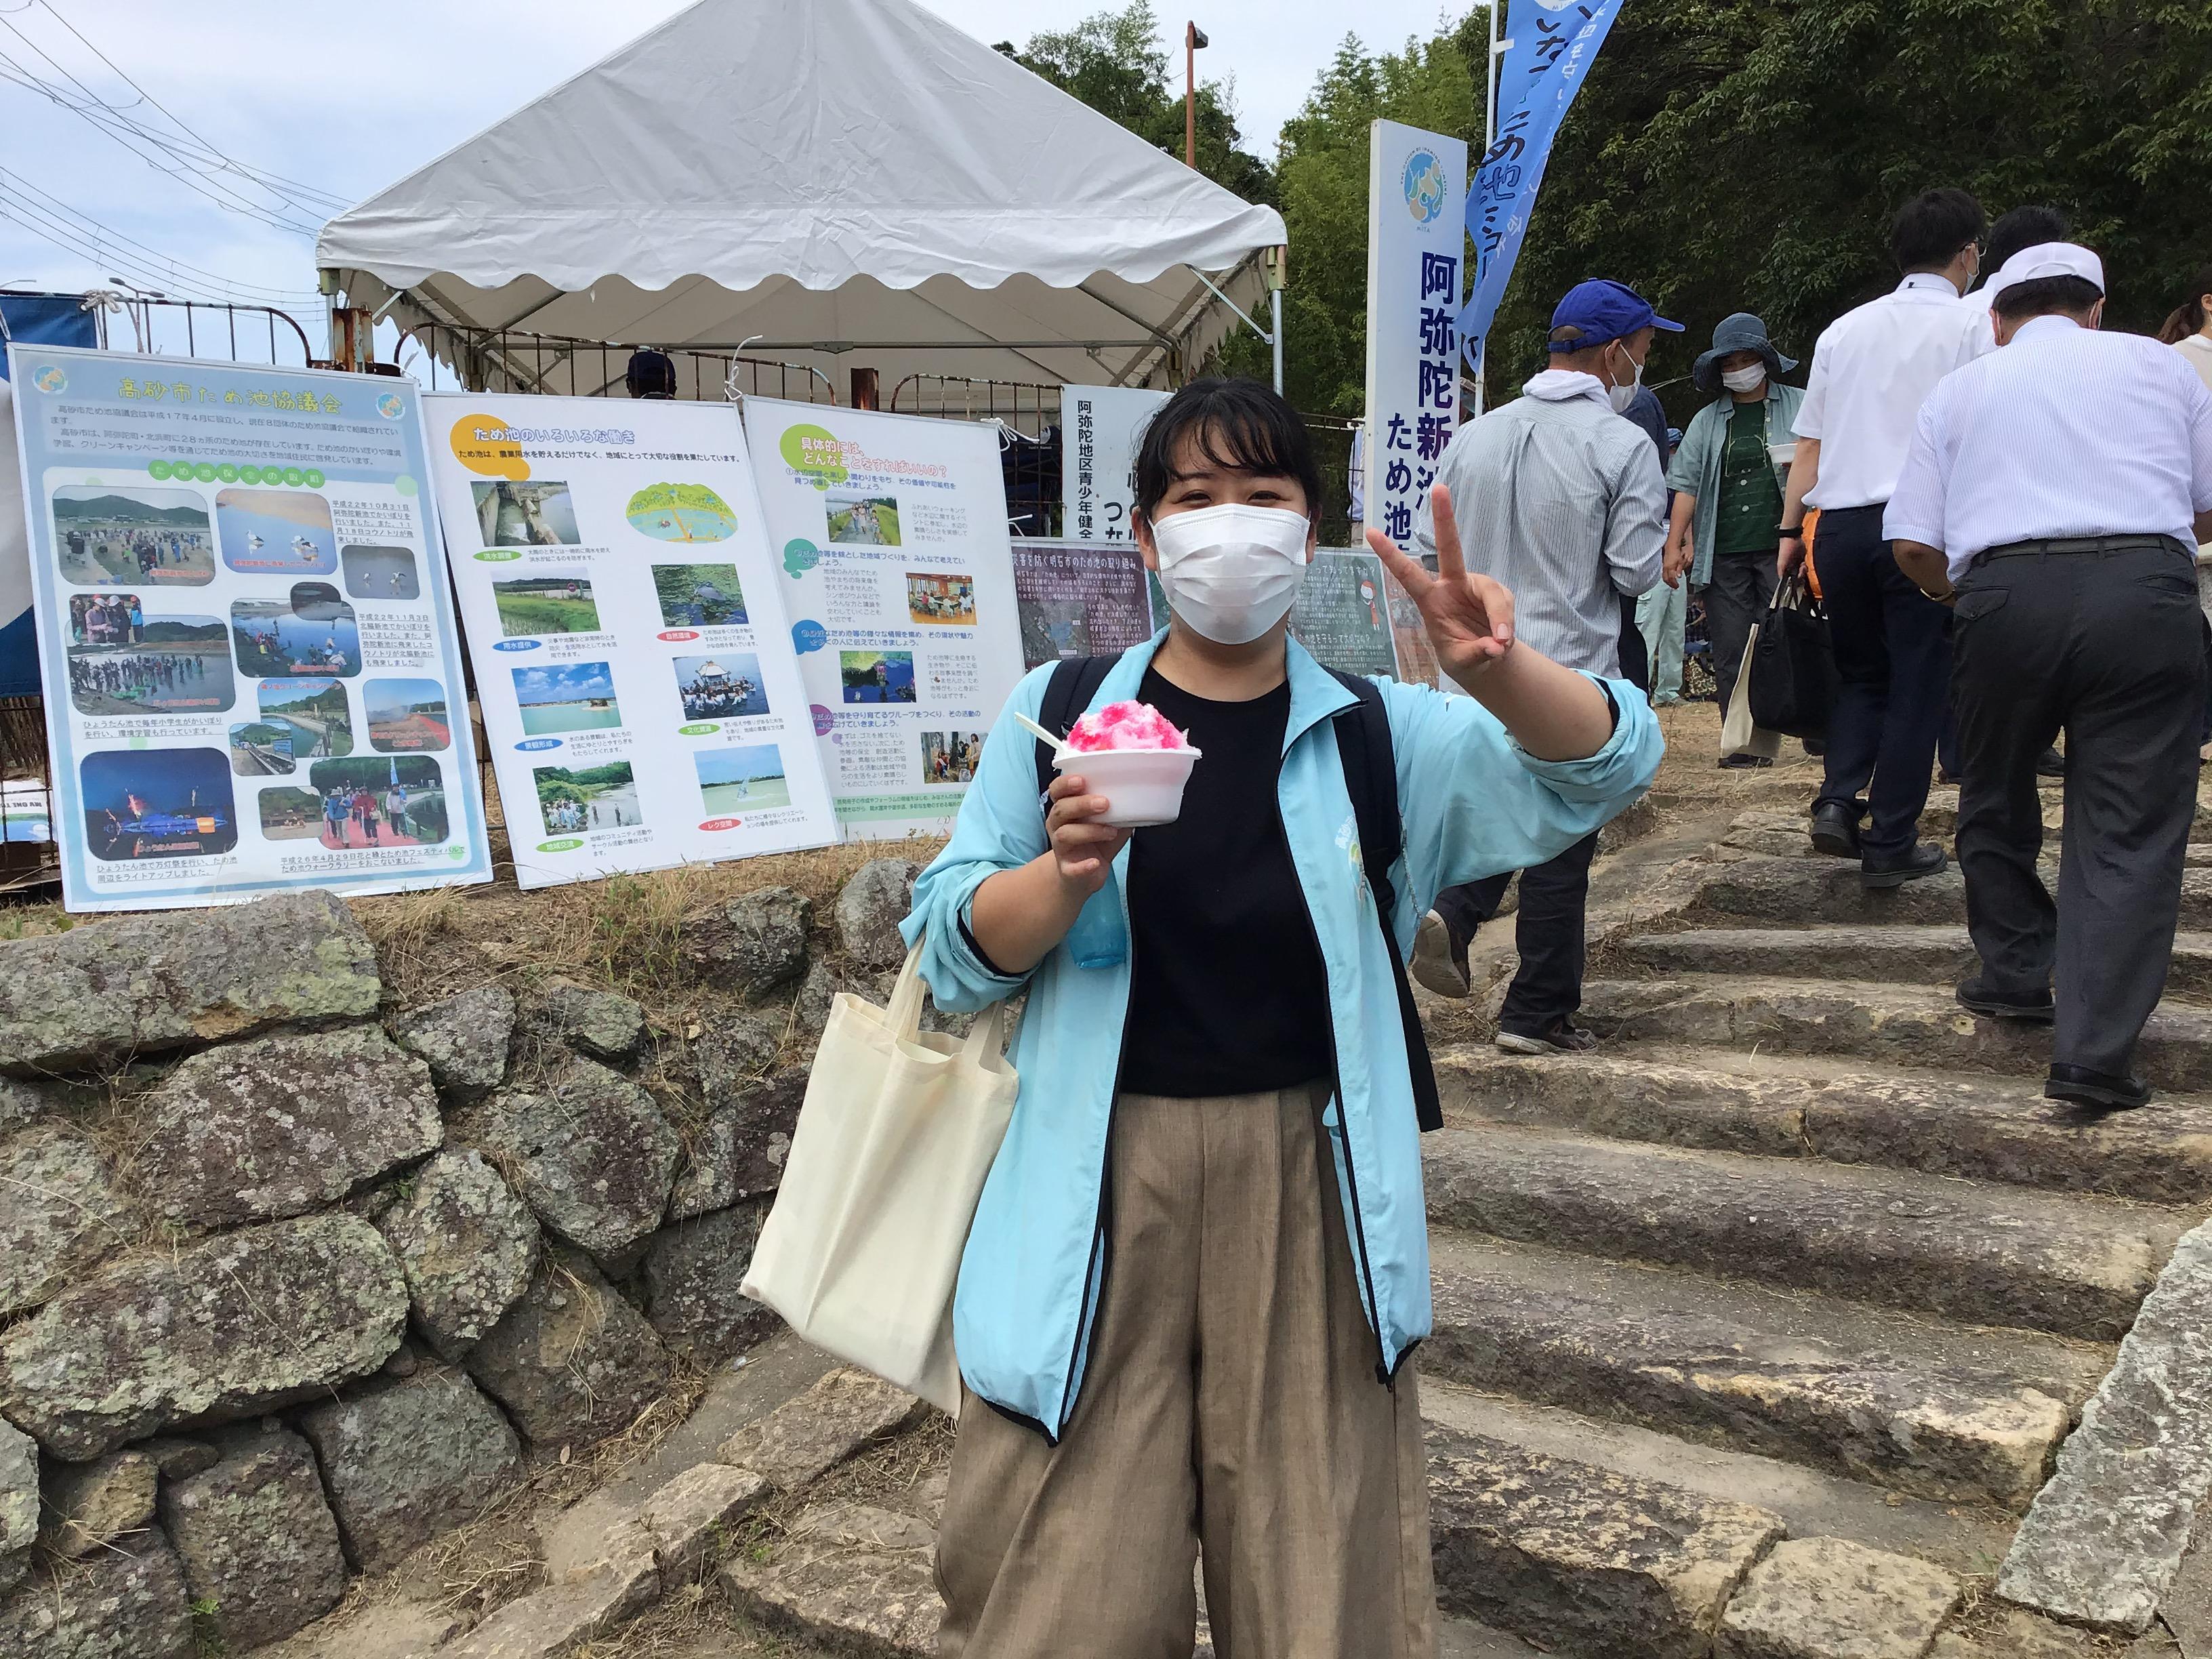 この3月まで、いなみ野ため池ミュージアム運営協議会のコーディネーターをされていた中村さん。阿弥陀田んぼビオトープで地元との橋渡しに尽力されました。見たことがあるジャンパーは暑いですよ。イチゴですね。